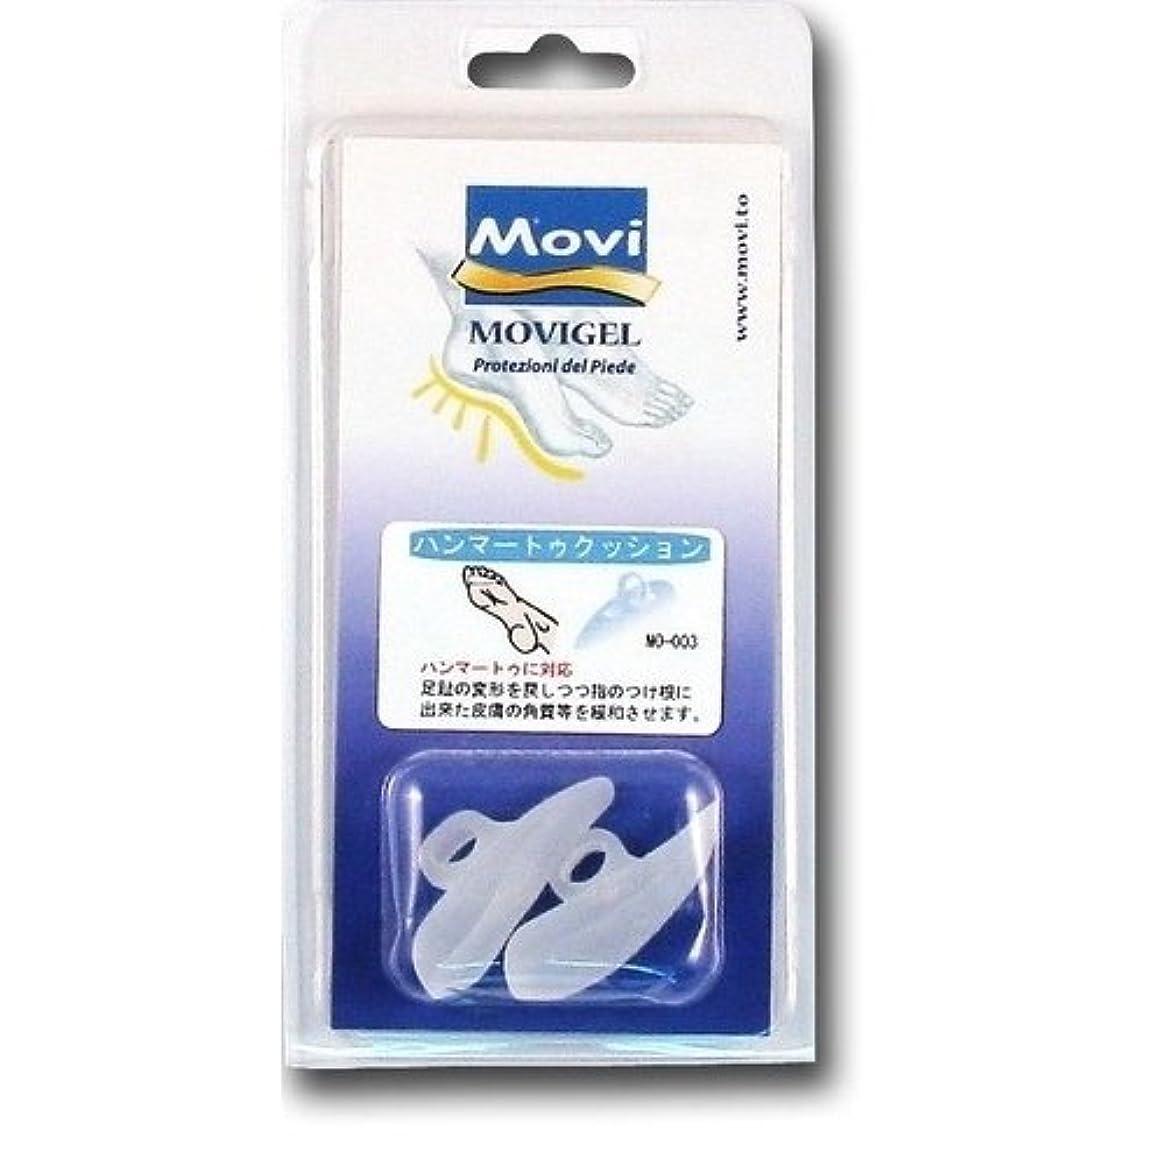 残基かすかな永久MOVI ハンマートゥクッションS MO-003